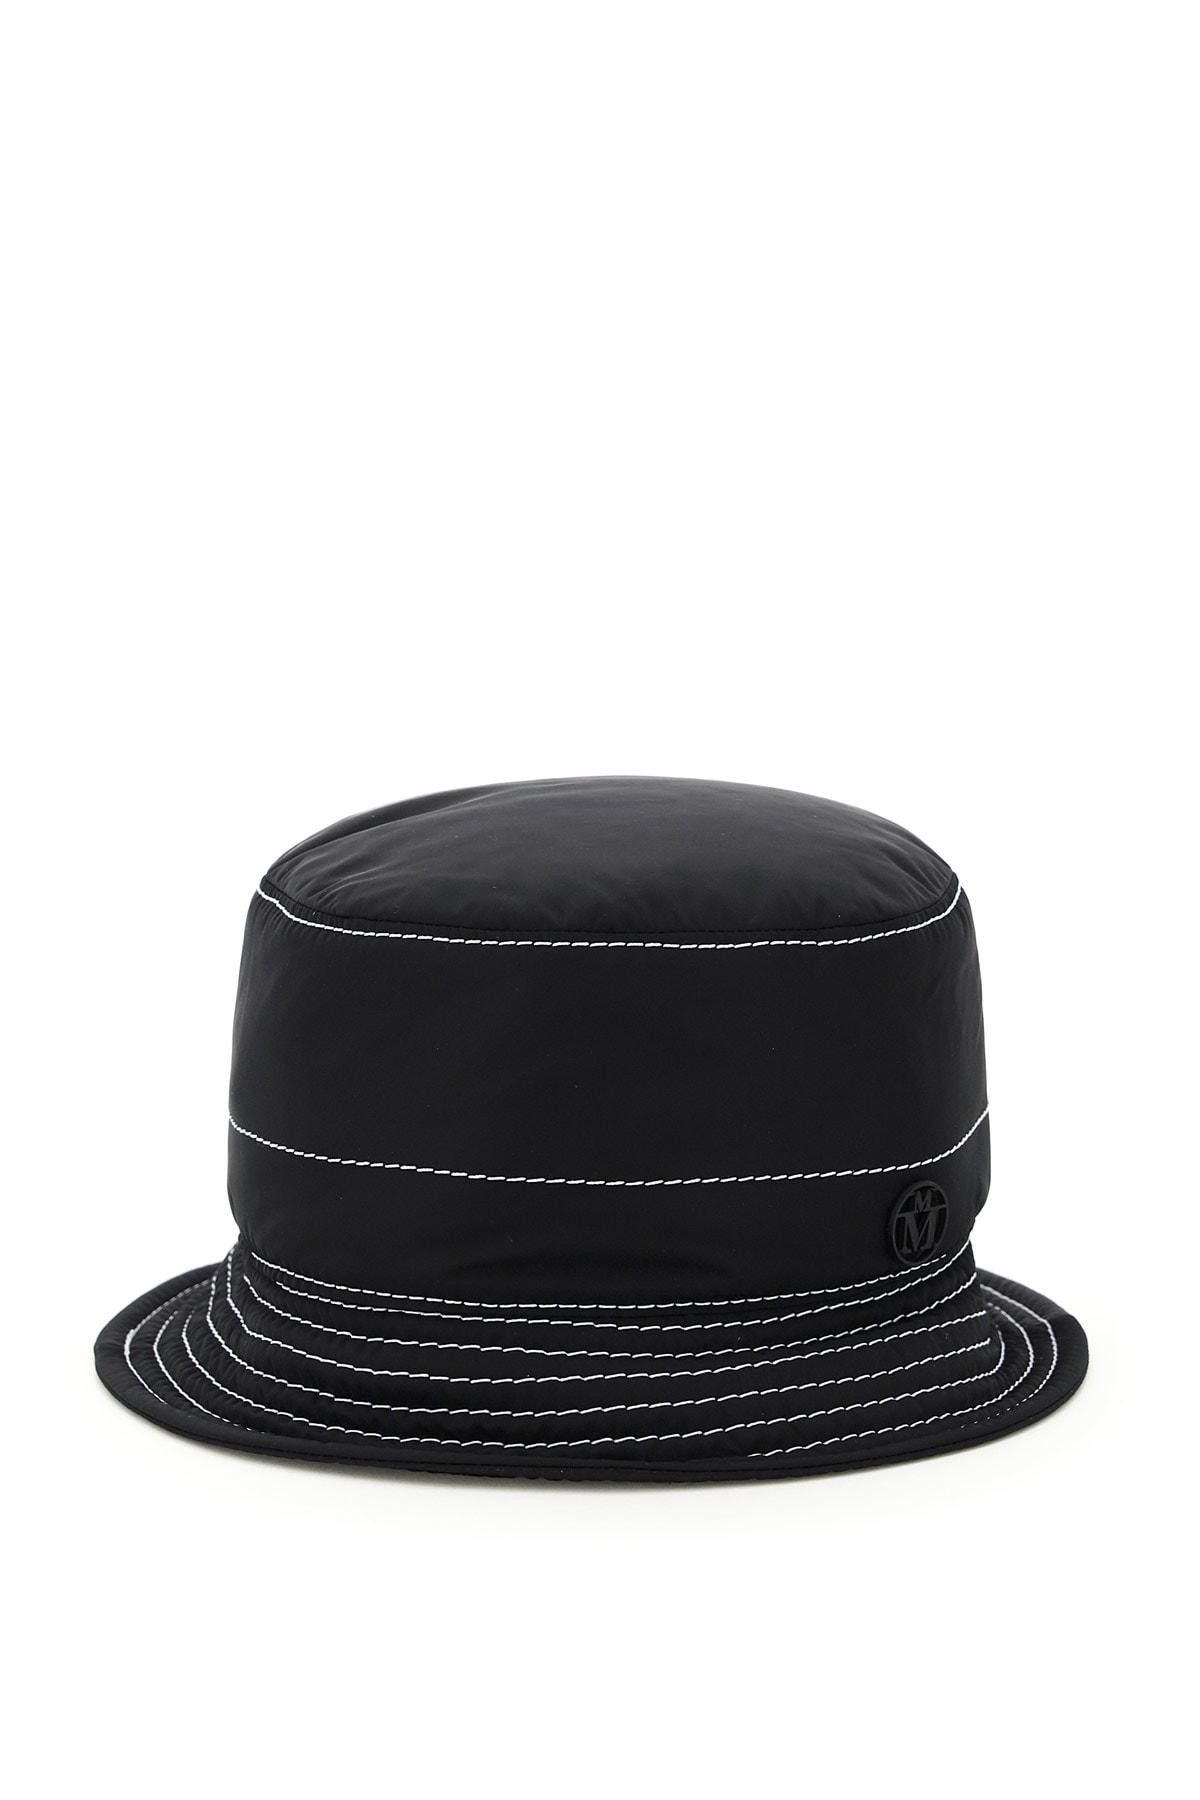 Maison Michel Hats AXEL NYLON BUCKET HAT